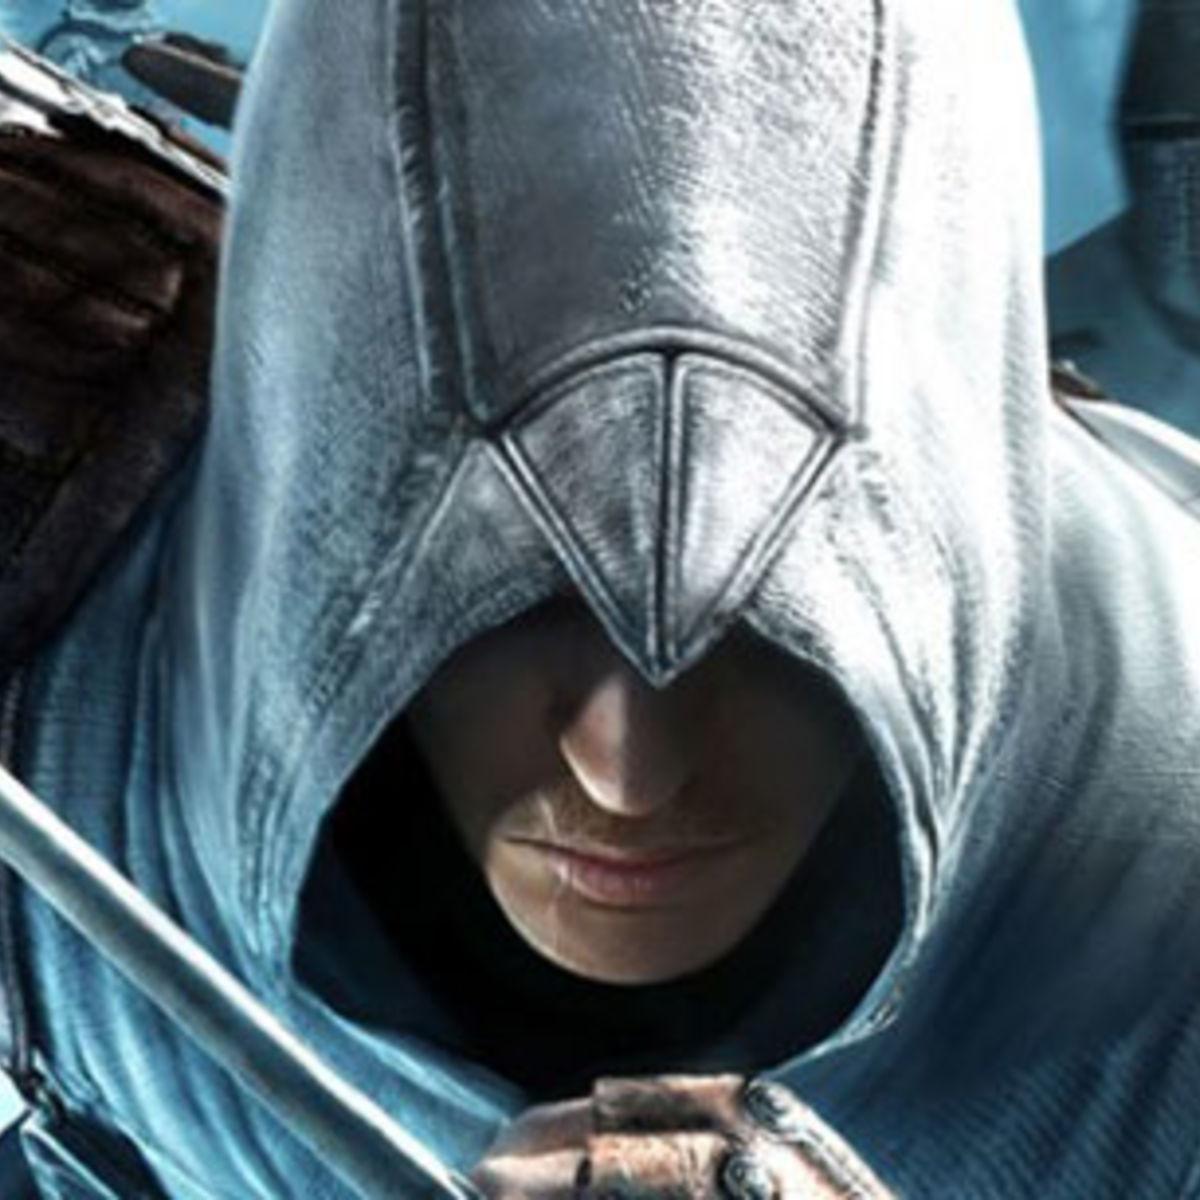 AssassinsCreed110311.jpg